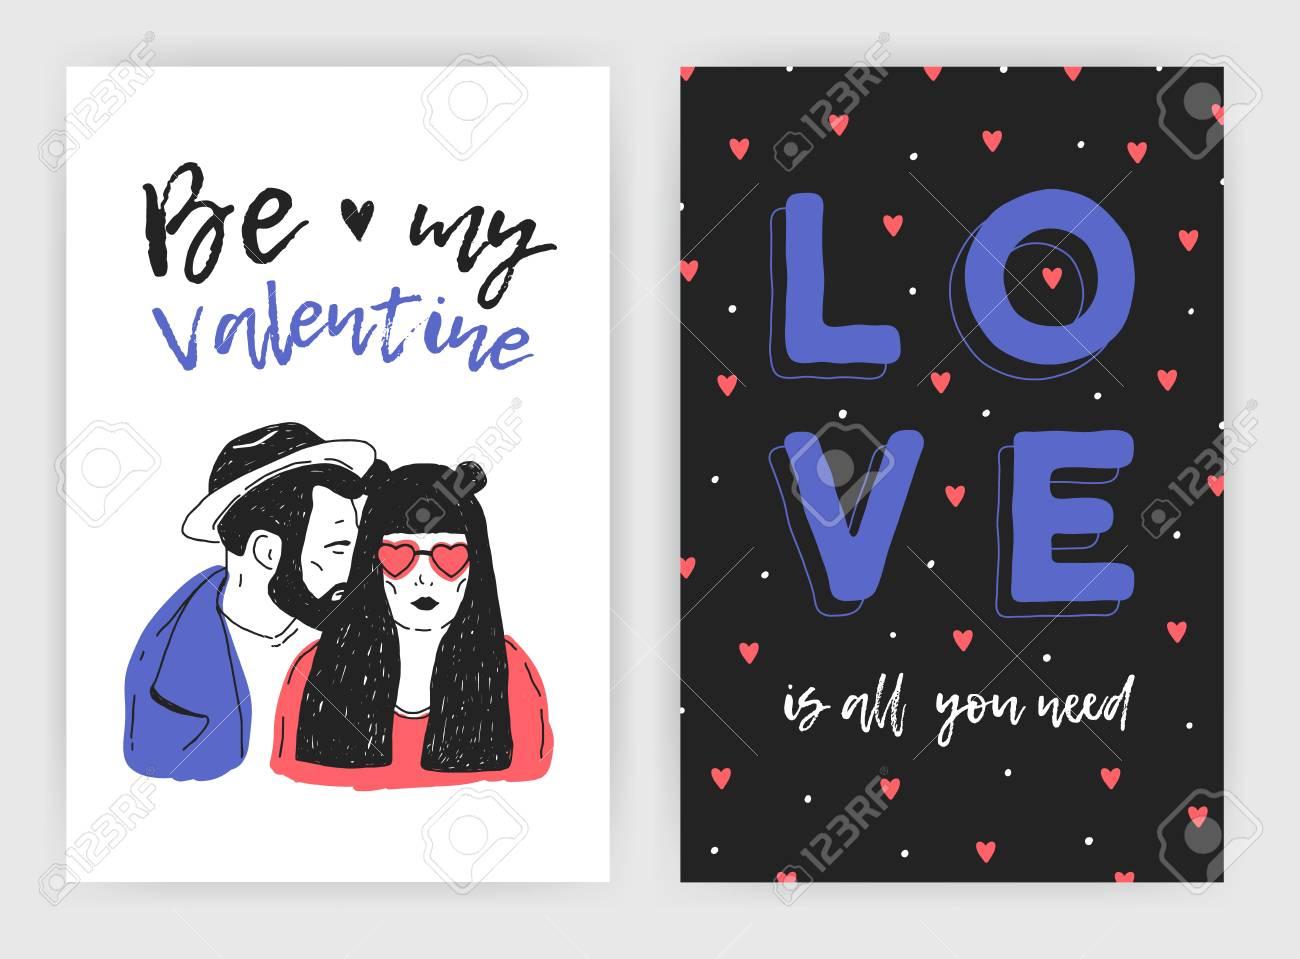 Paquete De Plantillas De Tarjetas De Felicitación Del Día De San Valentín S Invitación De Fiesta O Flyer Con Mano Dibujado Par De Hombre Joven Y Una